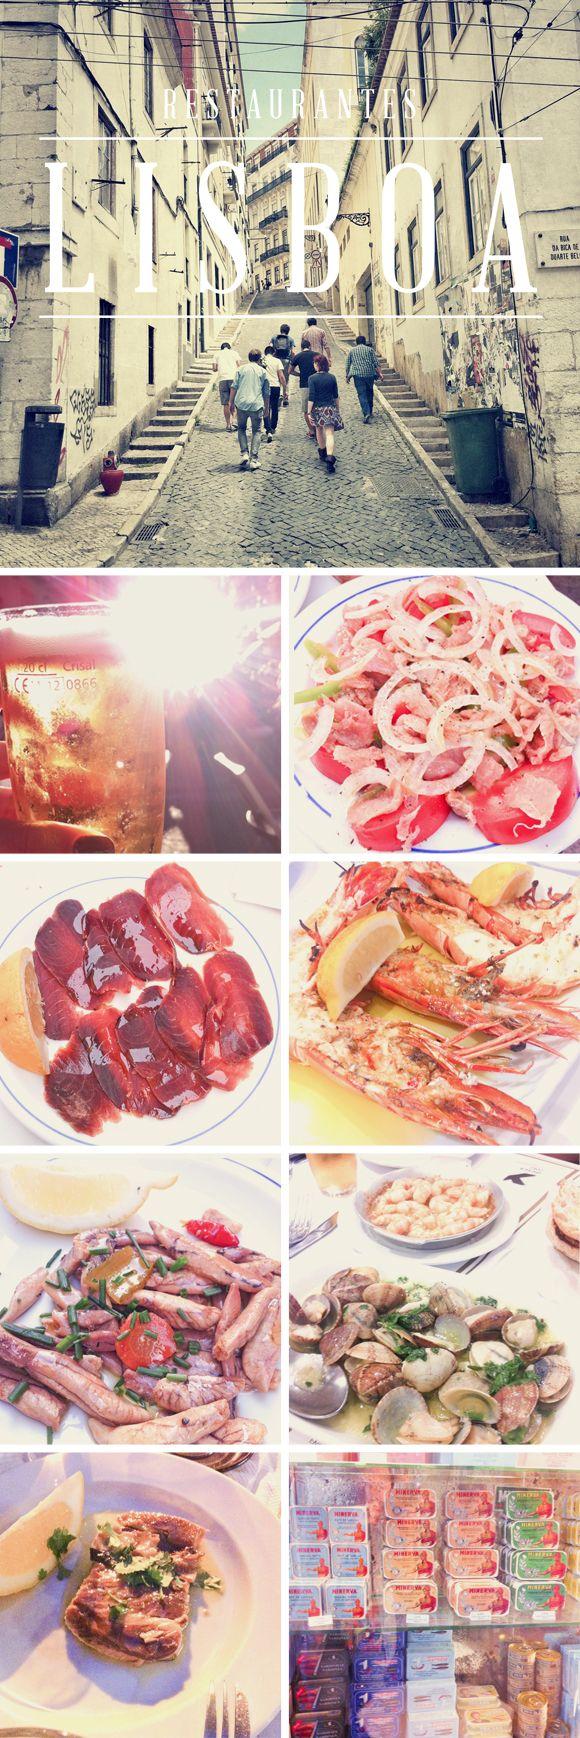 Guia de restaurantes em lisboa - por Olivia Cho